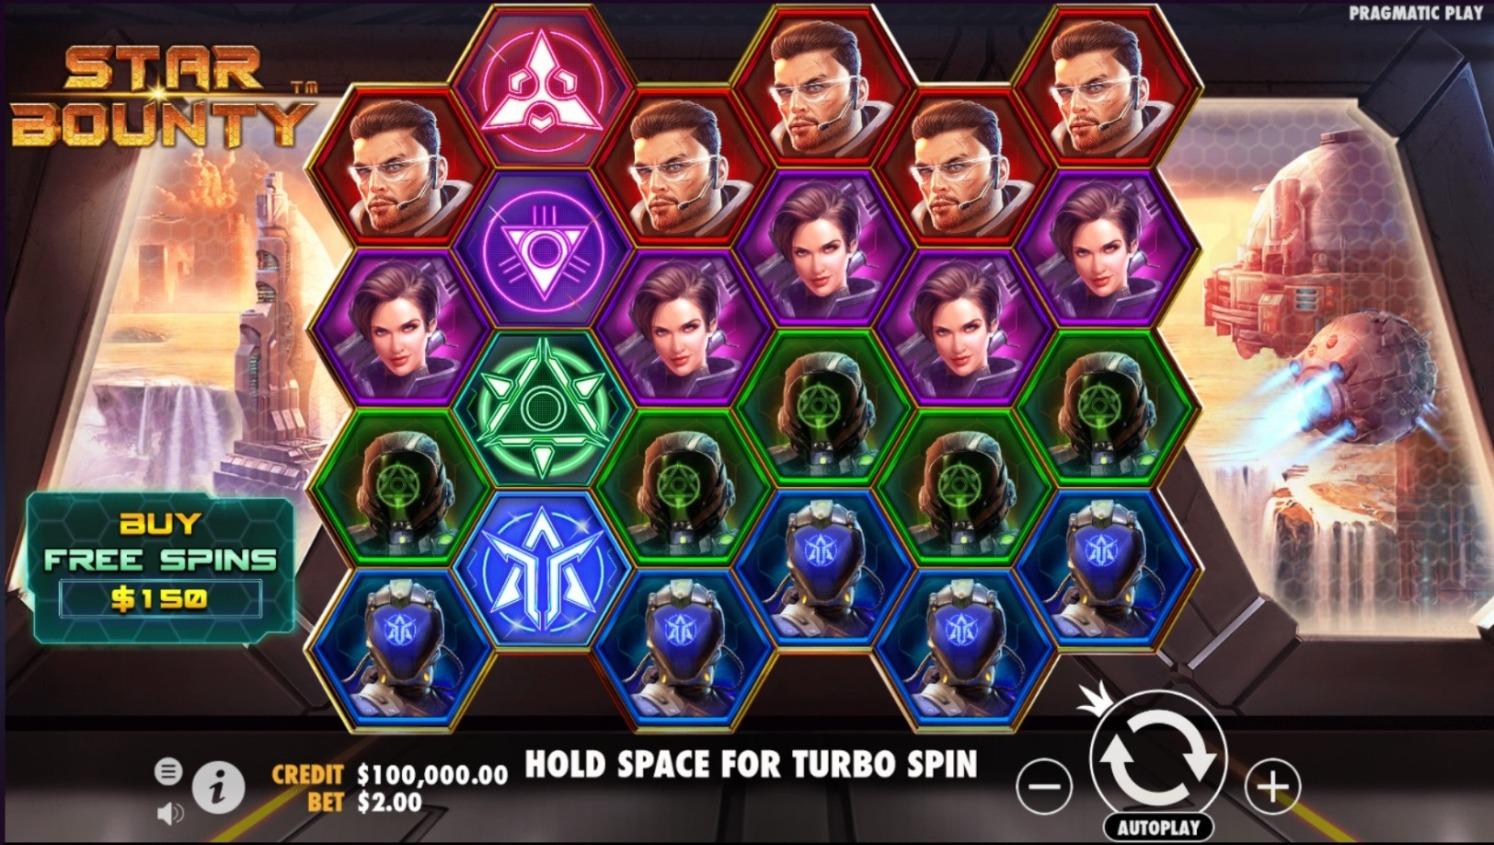 игровой автомат Star Bounty, азартная игра Star Bounty, Star Bounty, онлайн казино, азартные игры